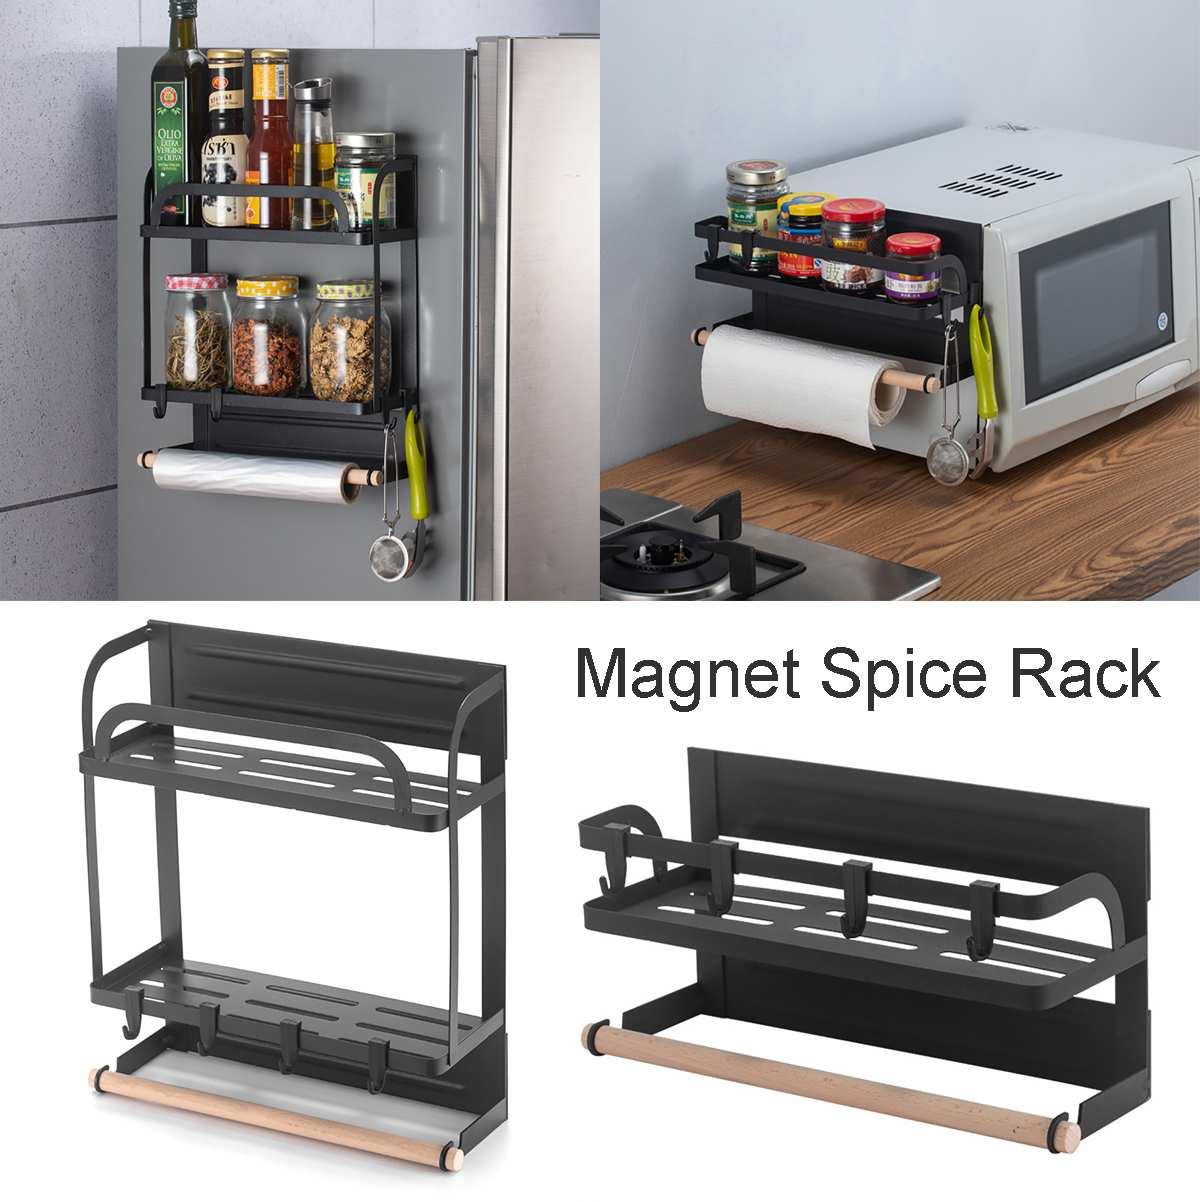 Estante lateral para nevera de adsorción magnética, soporte de almacenamiento de cocina multifunción montado en la pared, estante organizador de toallas de papel